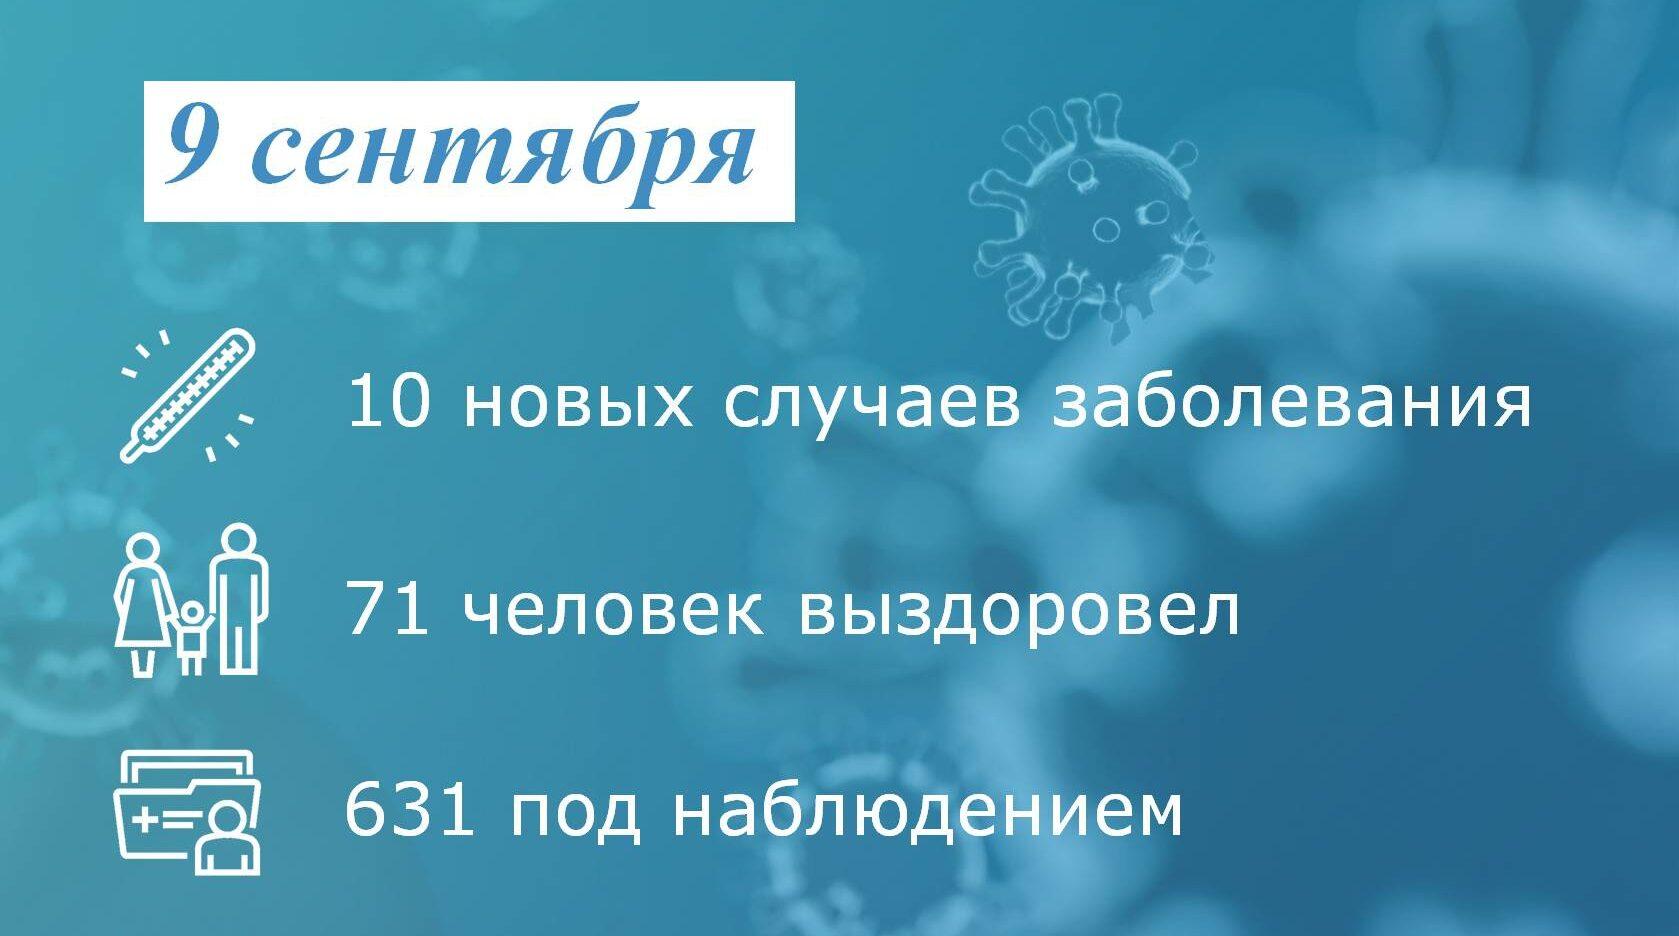 Коронавирус: в Таганроге за сутки заболели 10 человек